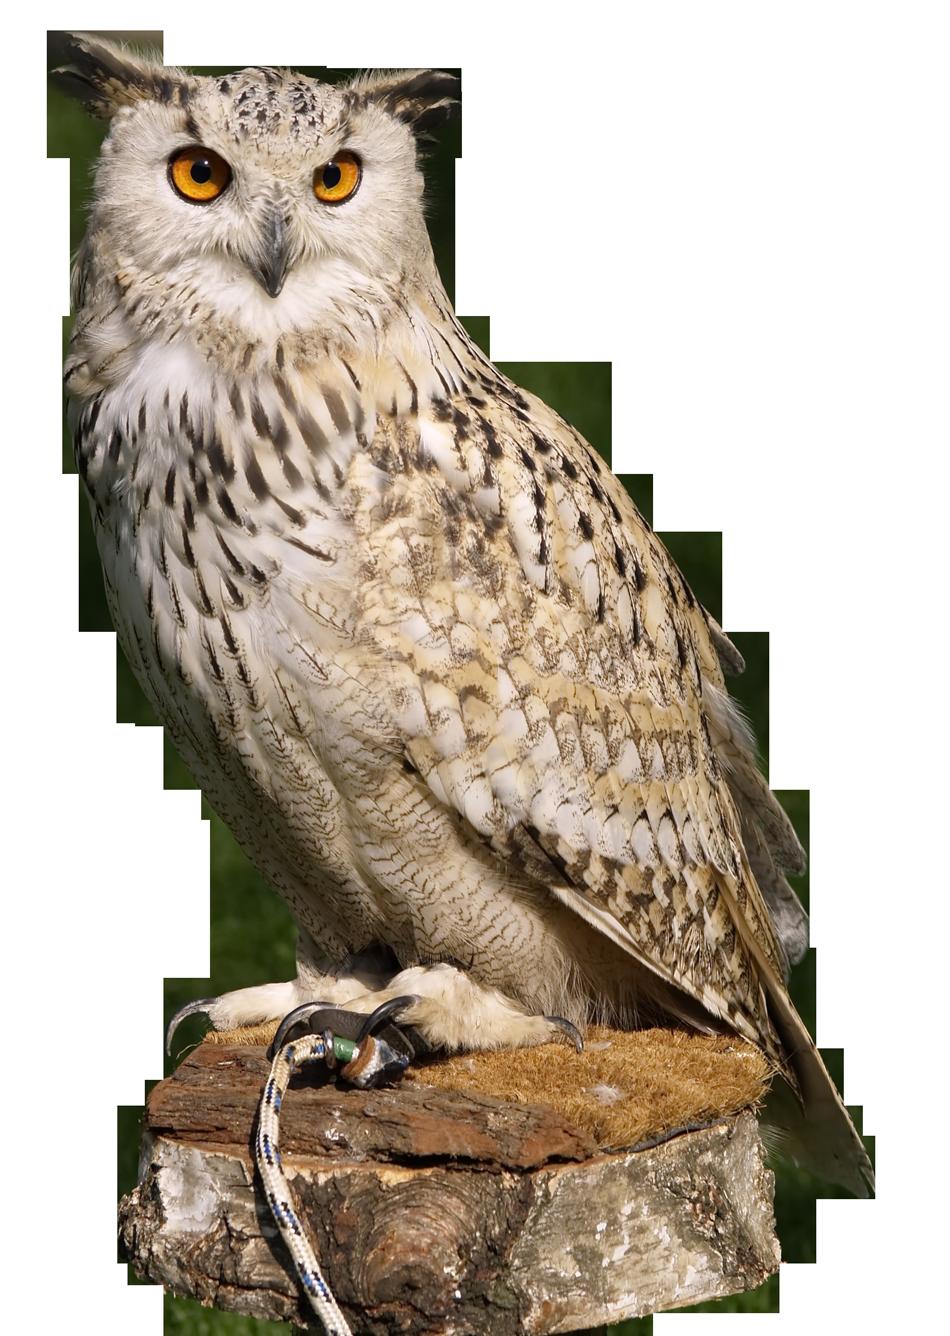 Eagle Owl PNG Transparent Image - Owl PNG